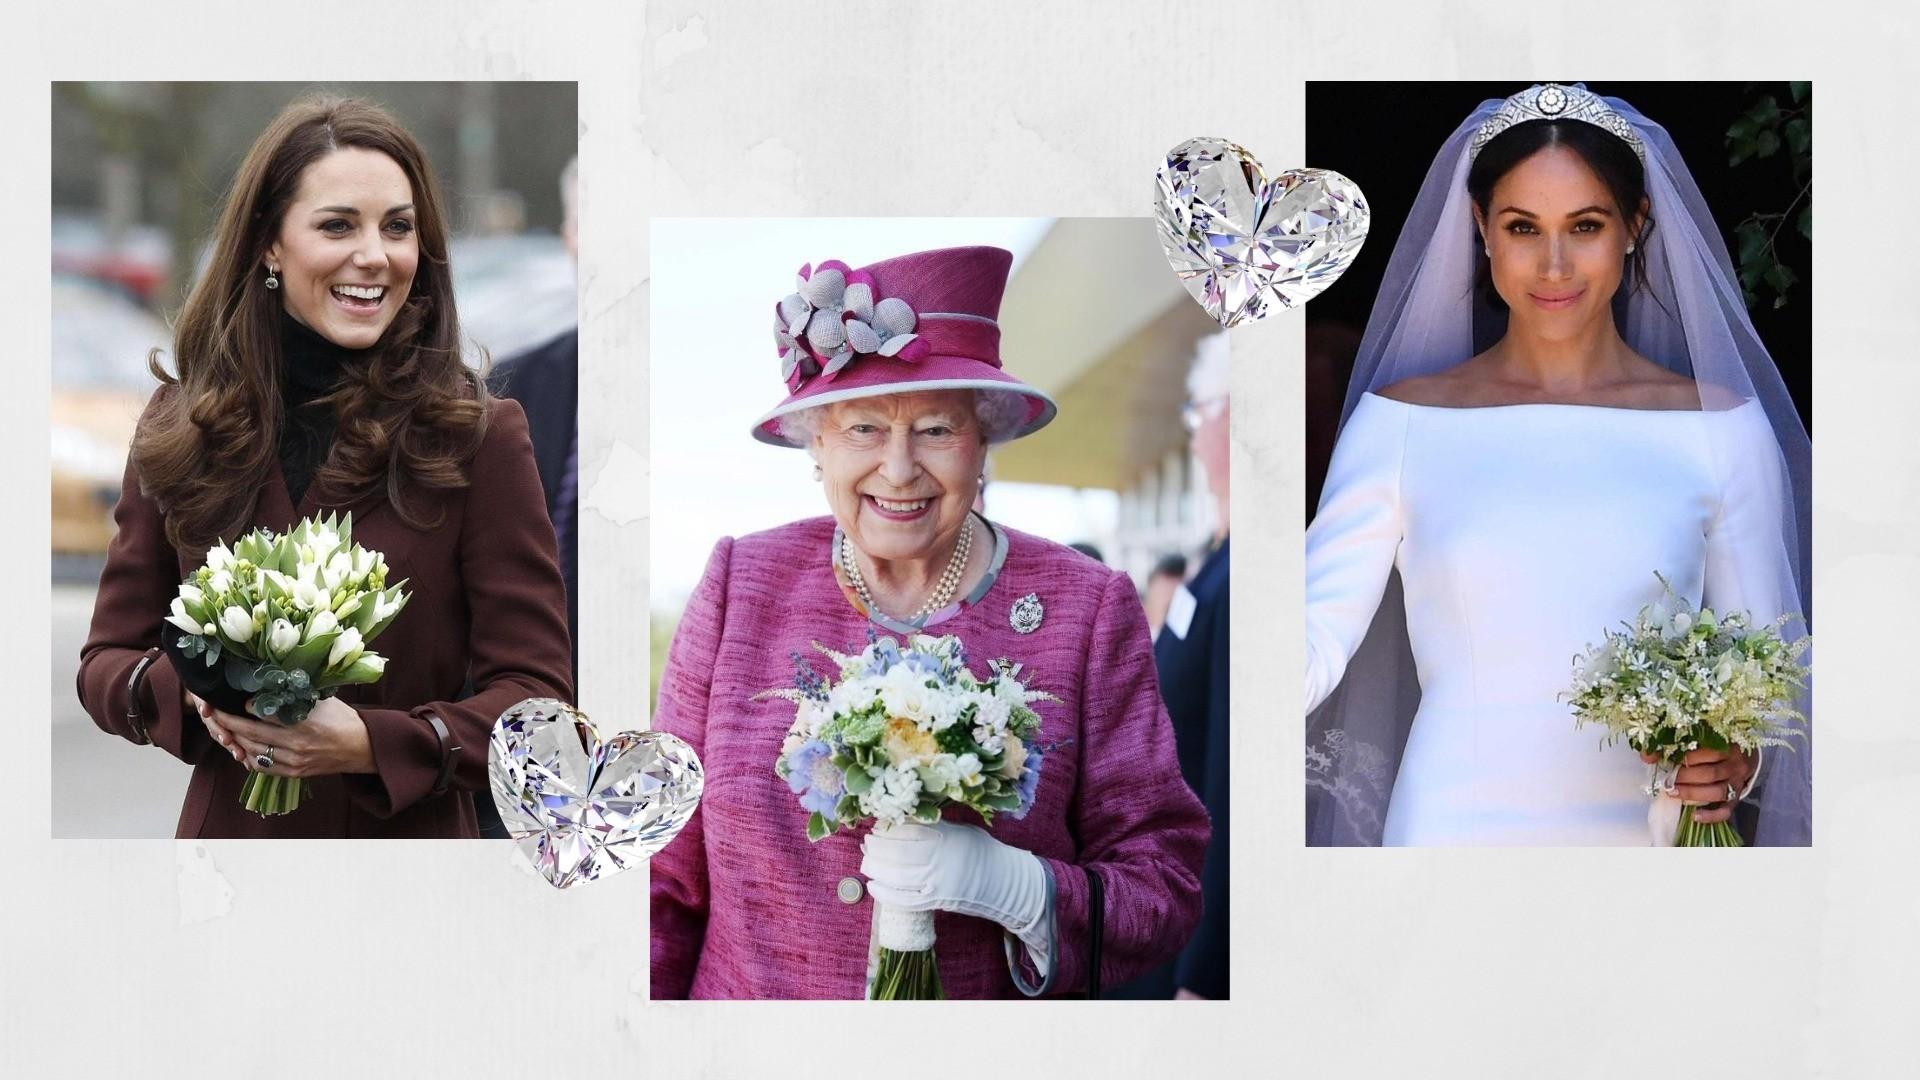 12 привычек королевских особ, которые ты можешь внедрить в свою жизнь